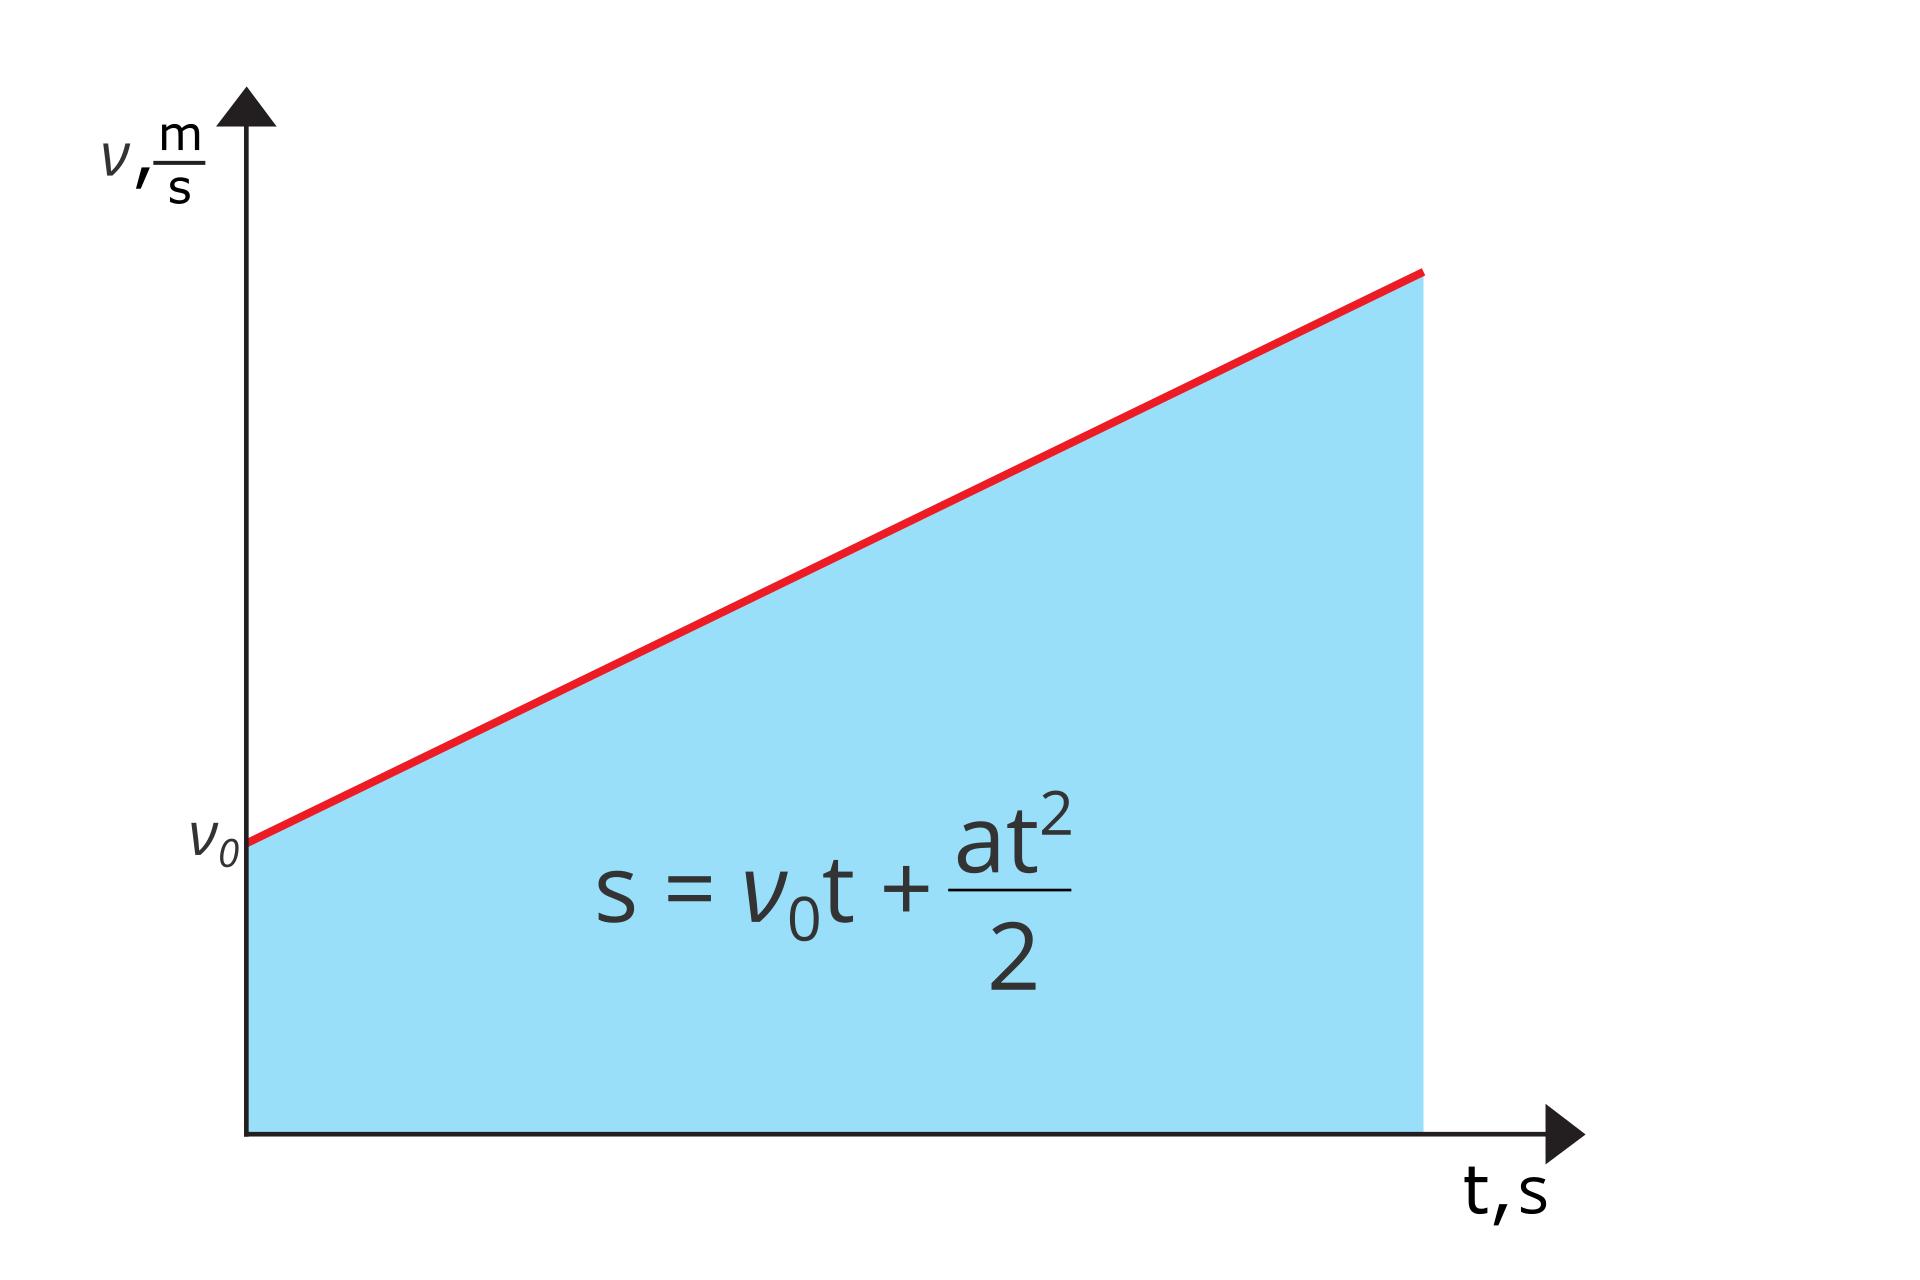 Grafika przedstawiająca wykres zależności prędkości od czasu wruchu jednostajnie przyspieszonym, zzaznaczonym polem powierzchni zawartej pod wykresem v(t) pozwalajacym obliczyć drogę jaką przebyło ciało, grafika opatrzona stosownym wzorem.